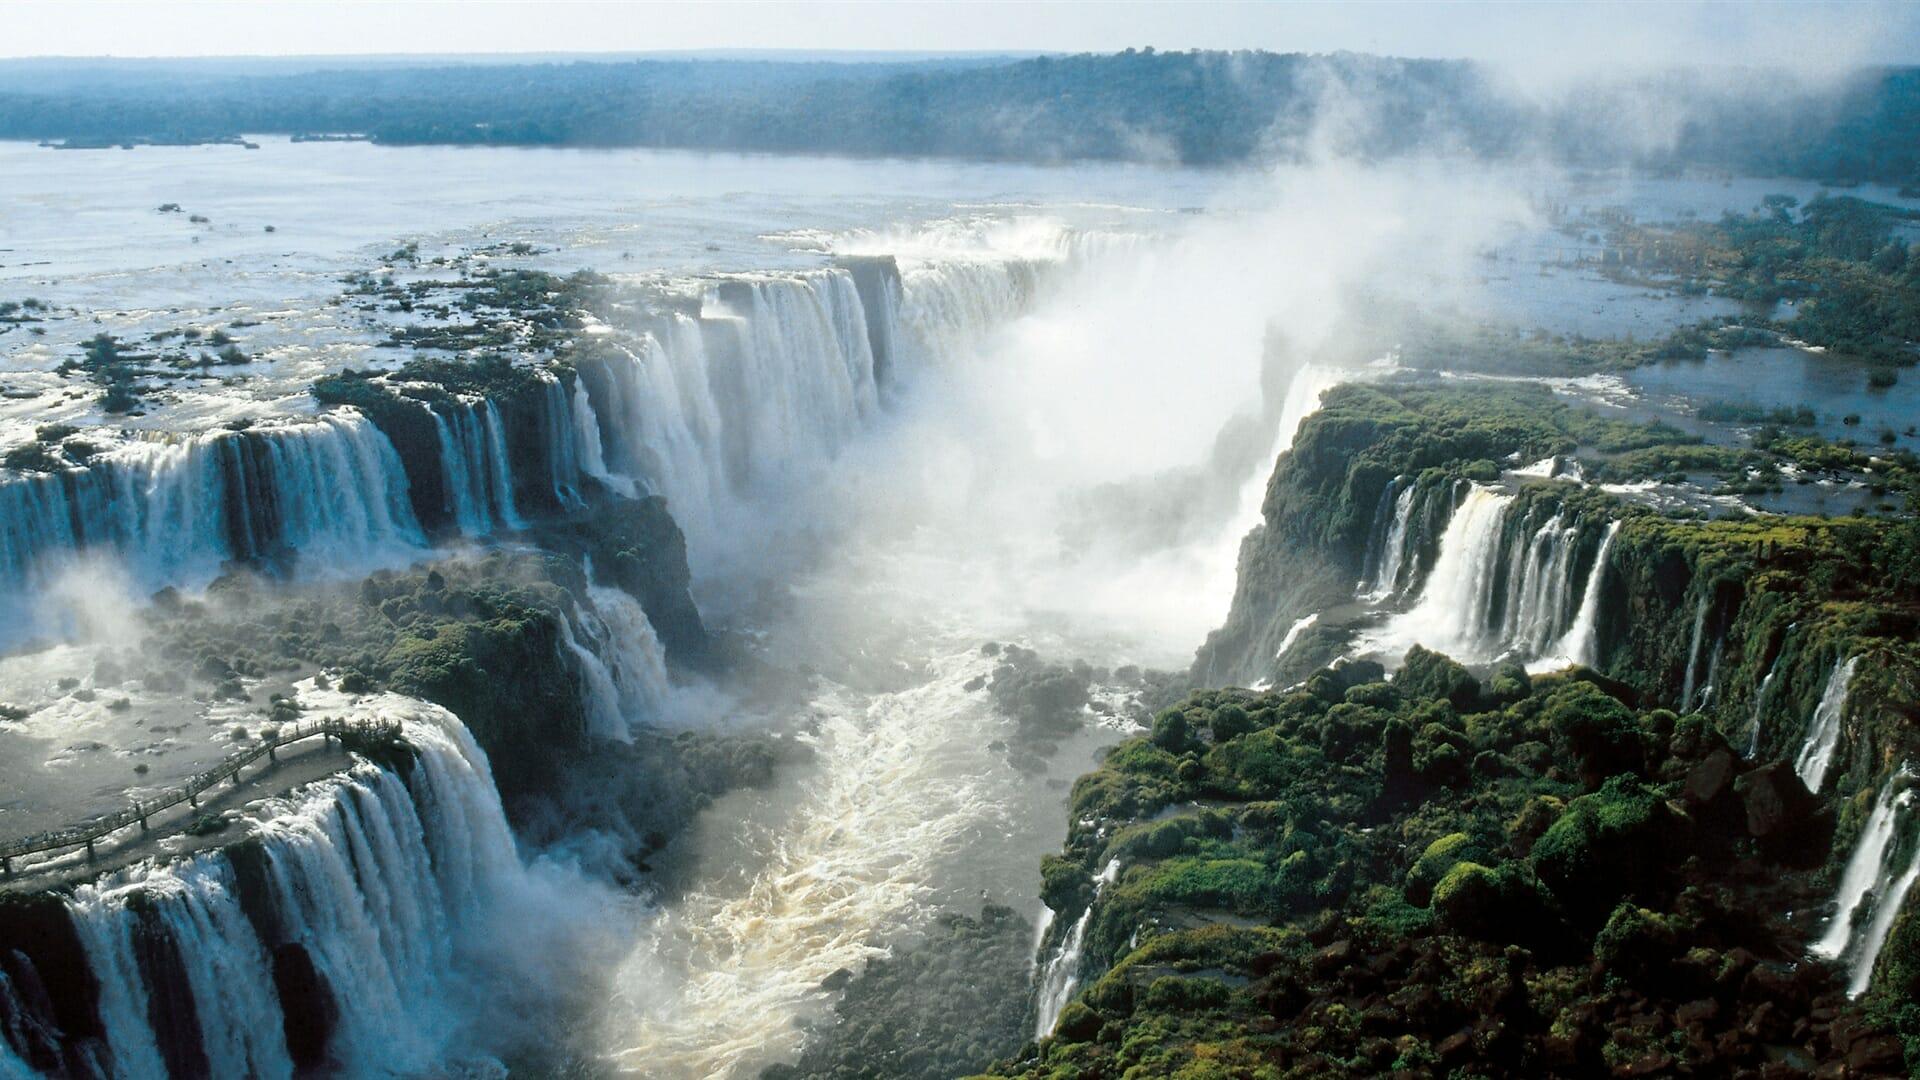 , Saiba o que vestir em Foz do Iguaçu evitando imprevistos!, Passeios em Foz do Iguaçu | Combos em Foz com desconto, Passeios em Foz do Iguaçu | Combos em Foz com desconto